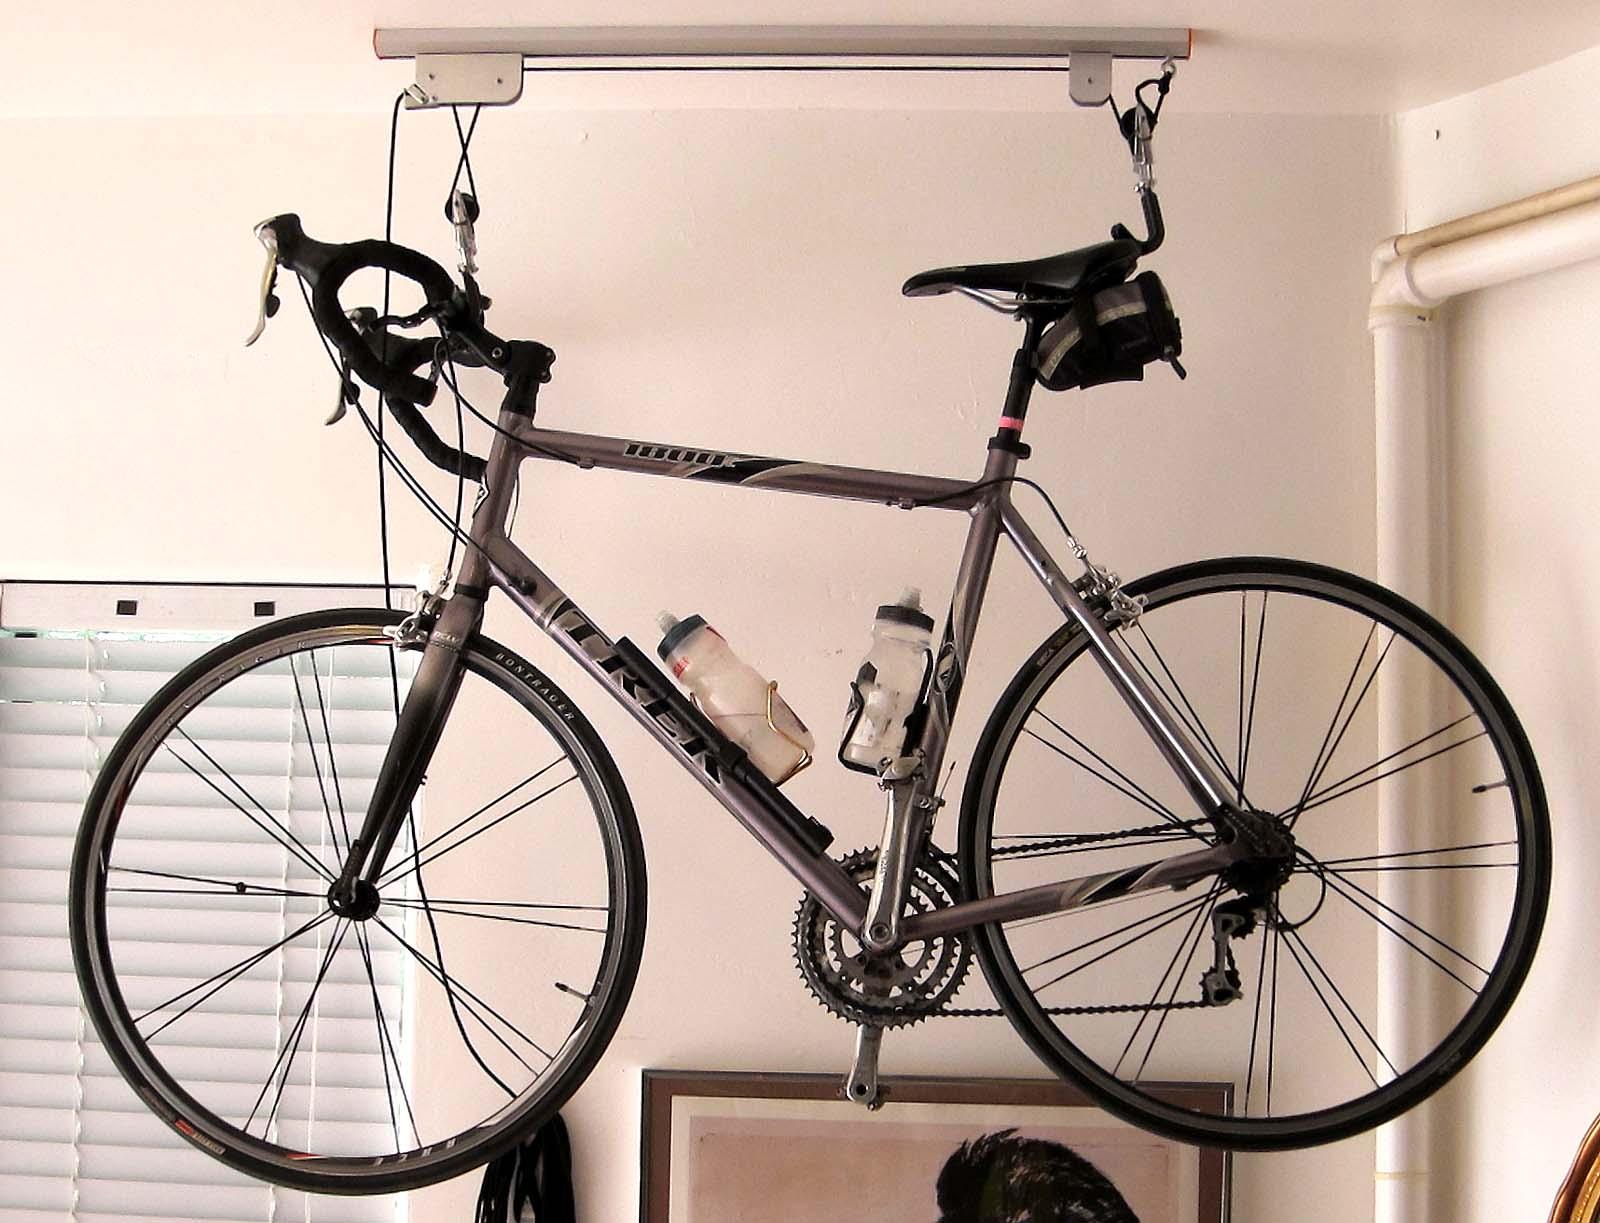 bike ceiling mount lift - pranksenders